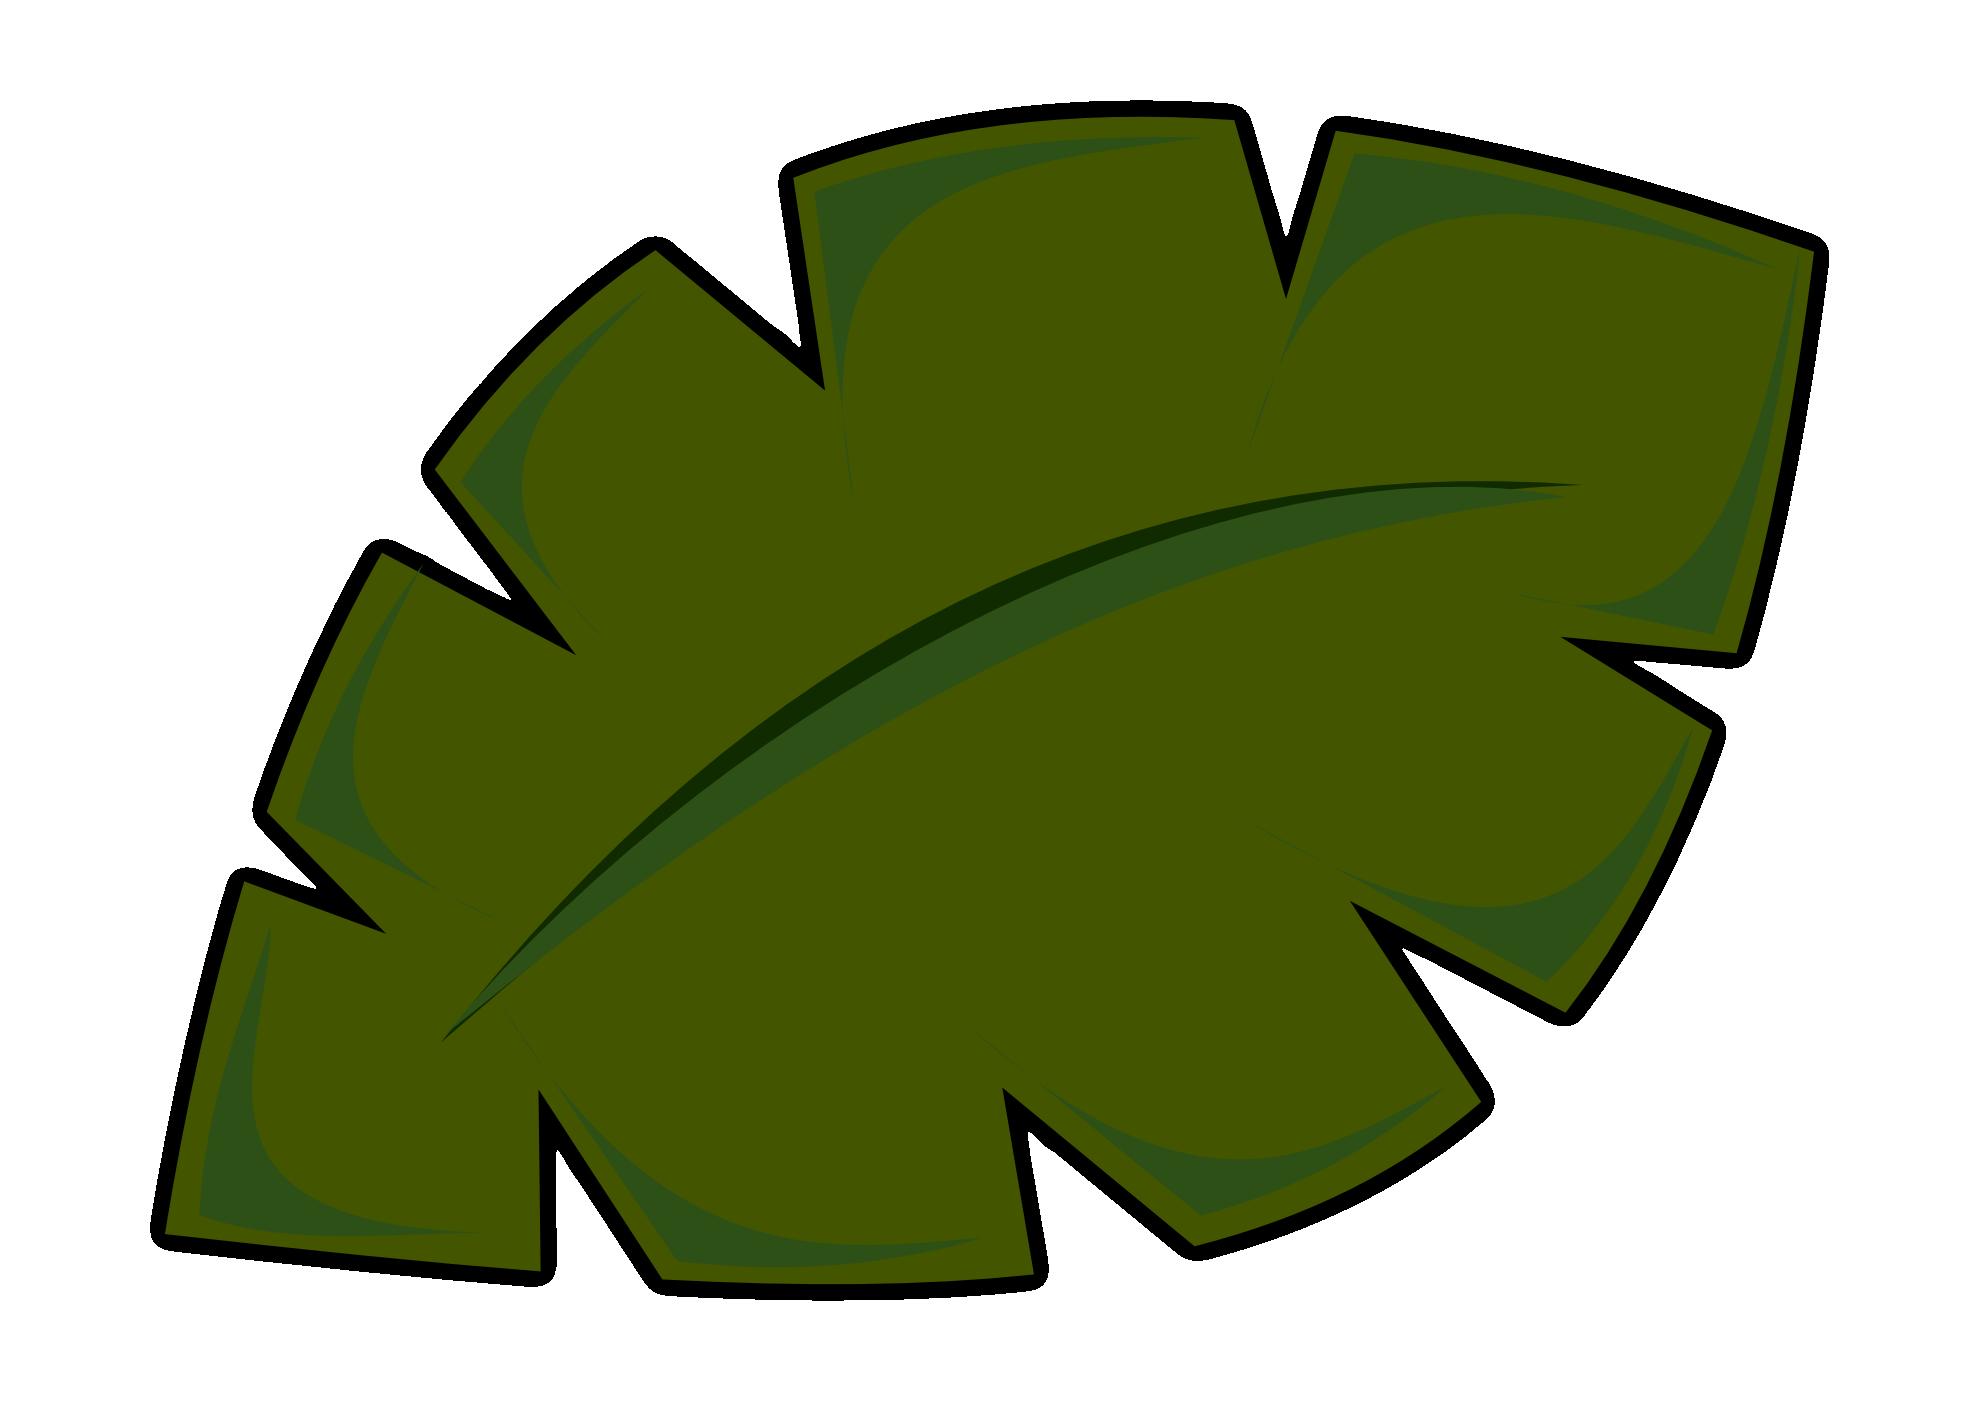 Leaves leave hawaiian